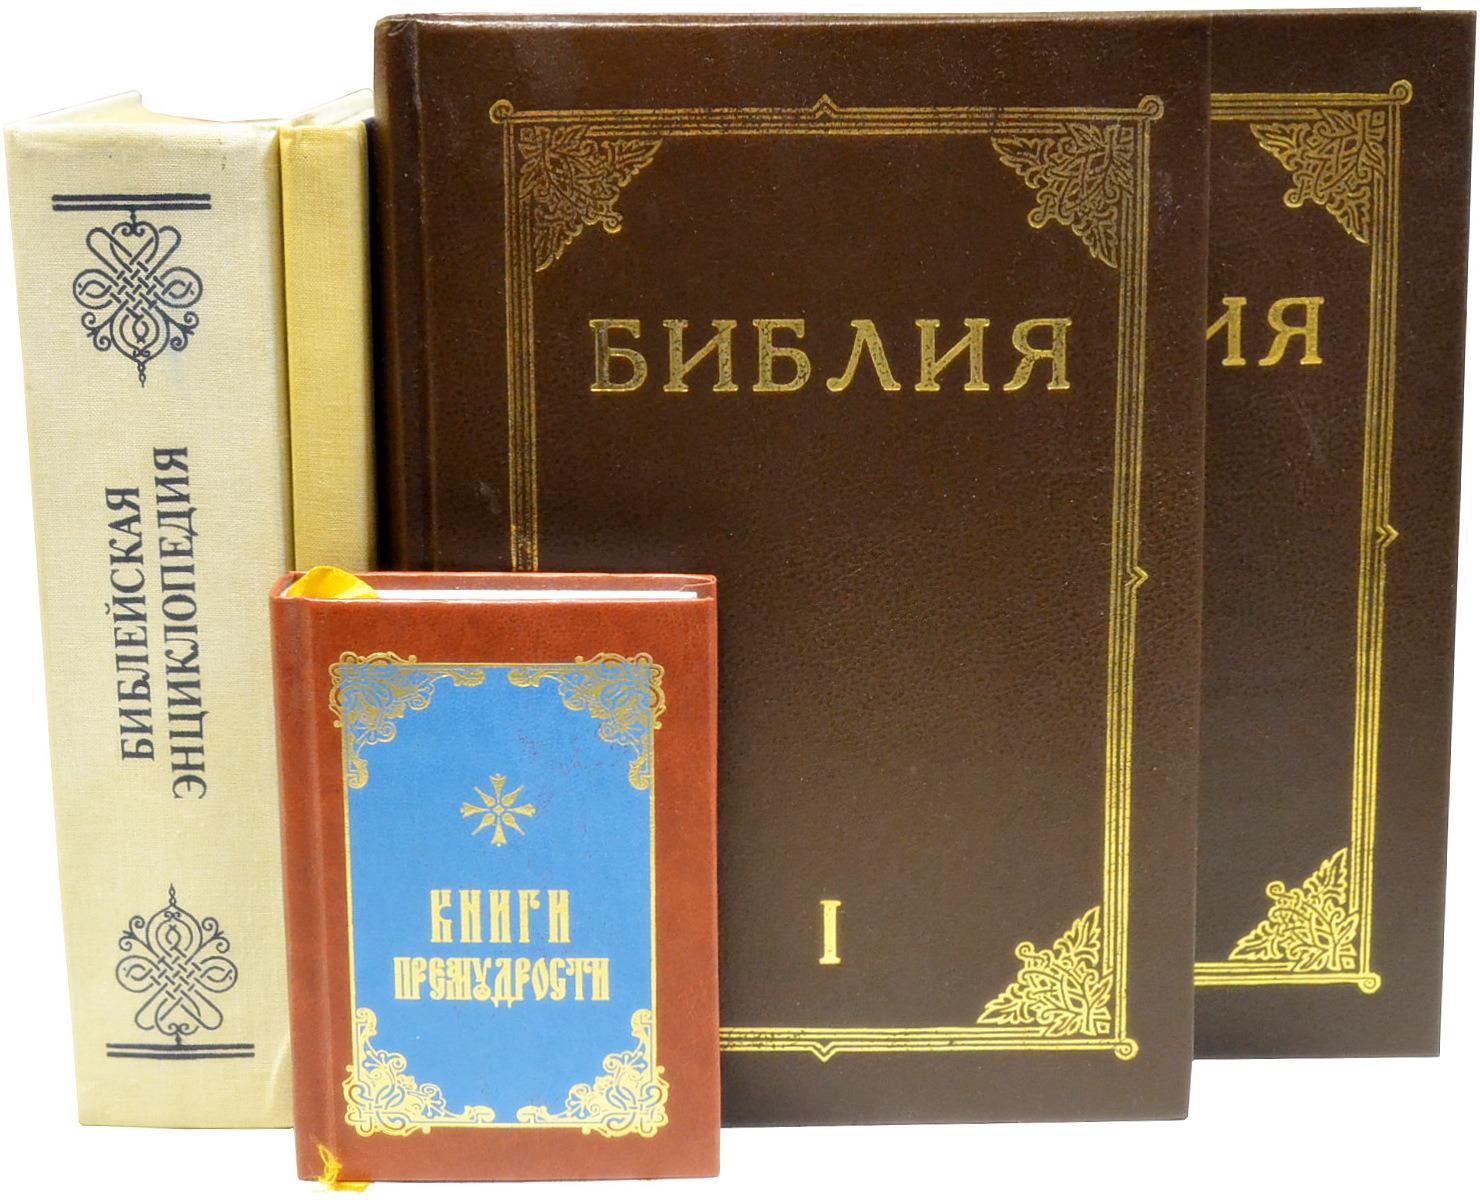 Серия Православная библиотека (комплект из 5 книг) серия православная библиотека комплект из 5 книг